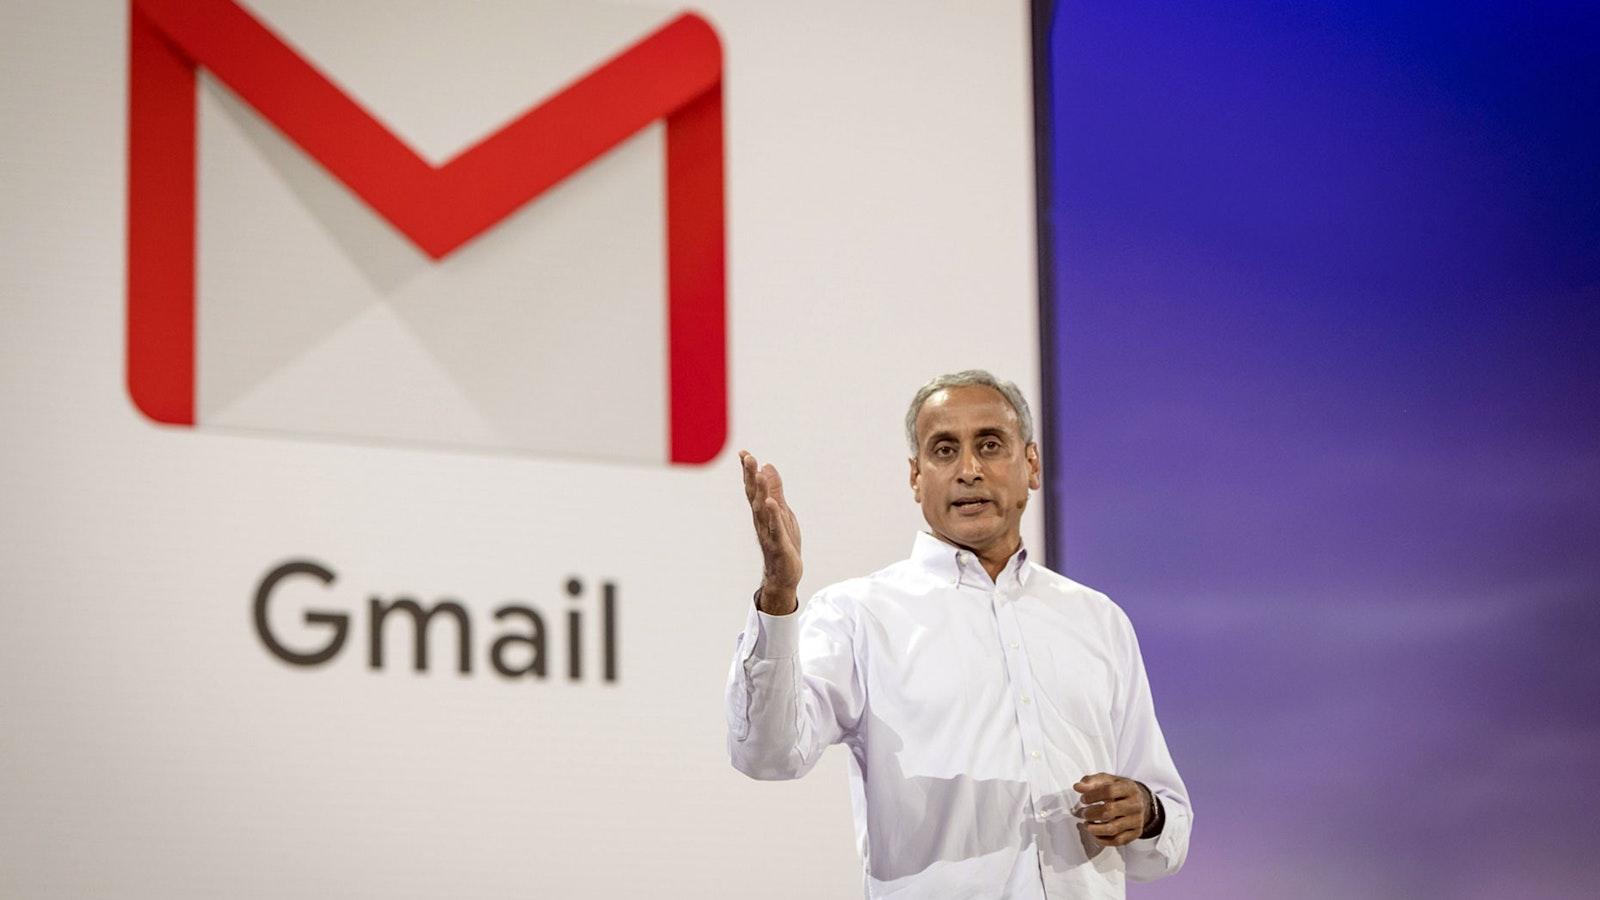 Prabhakar Raghavan. Photo by Bloomberg